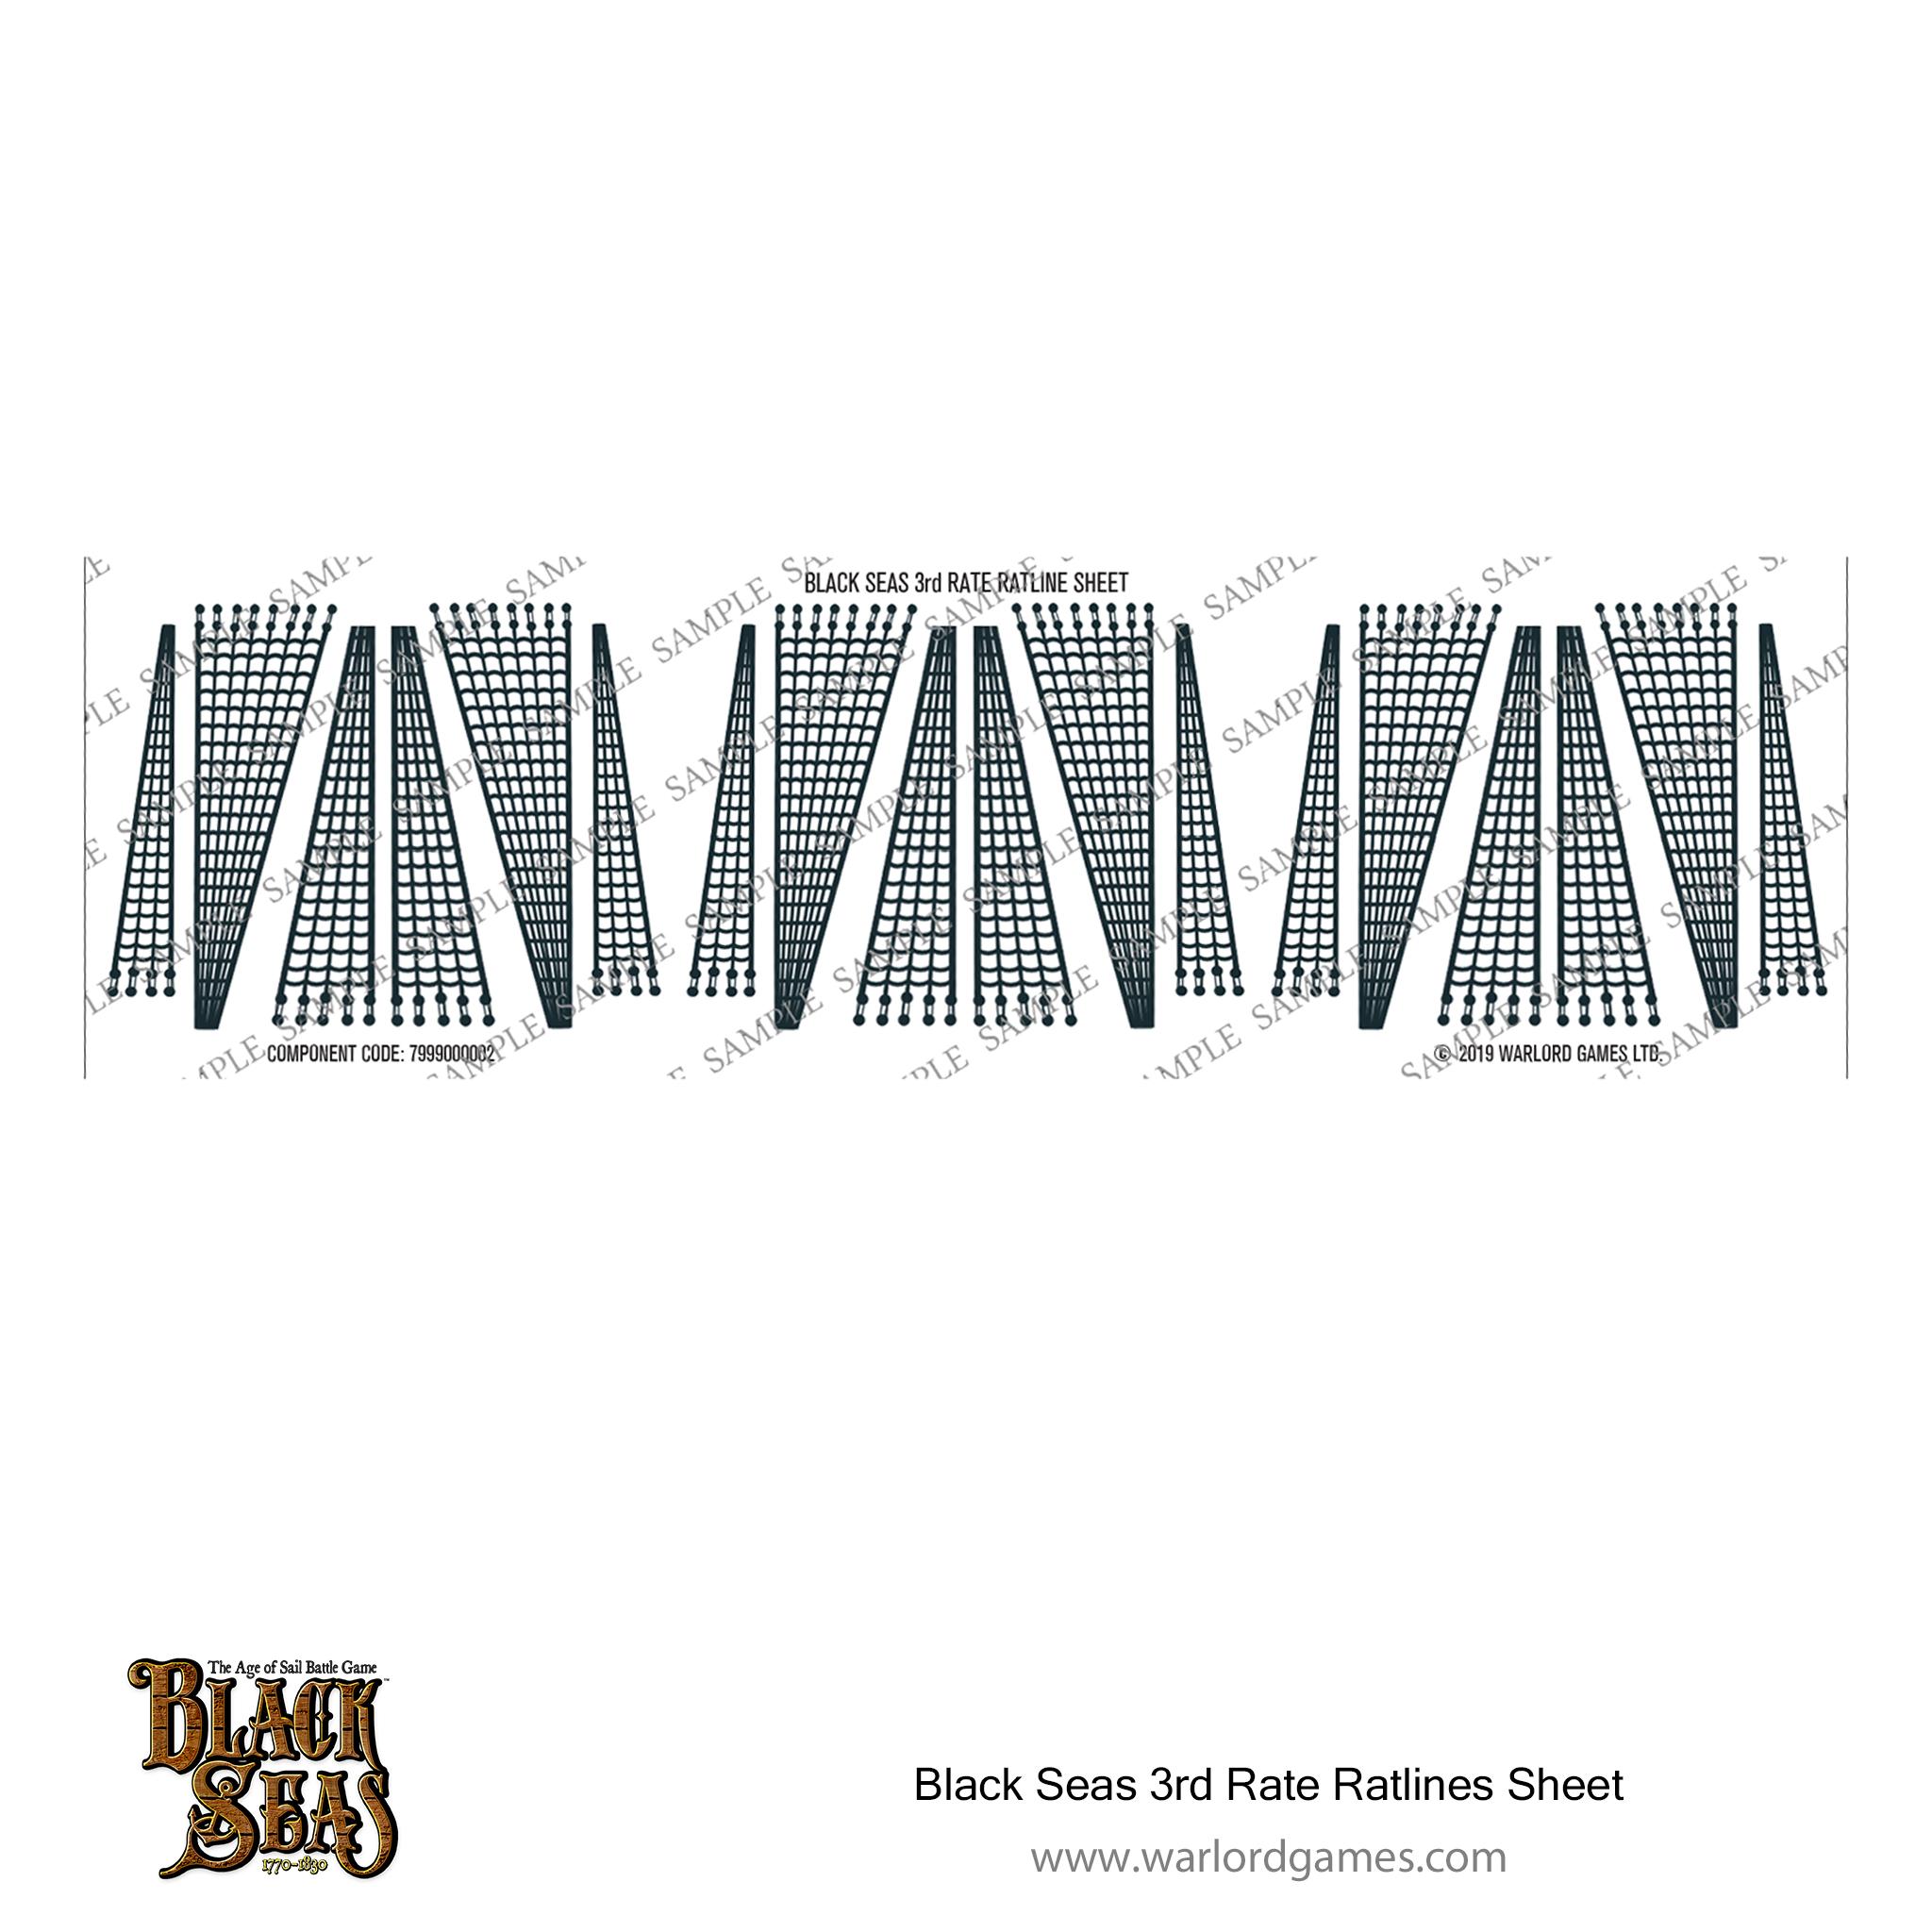 Black Seas 3rd Rate ratlines sheet